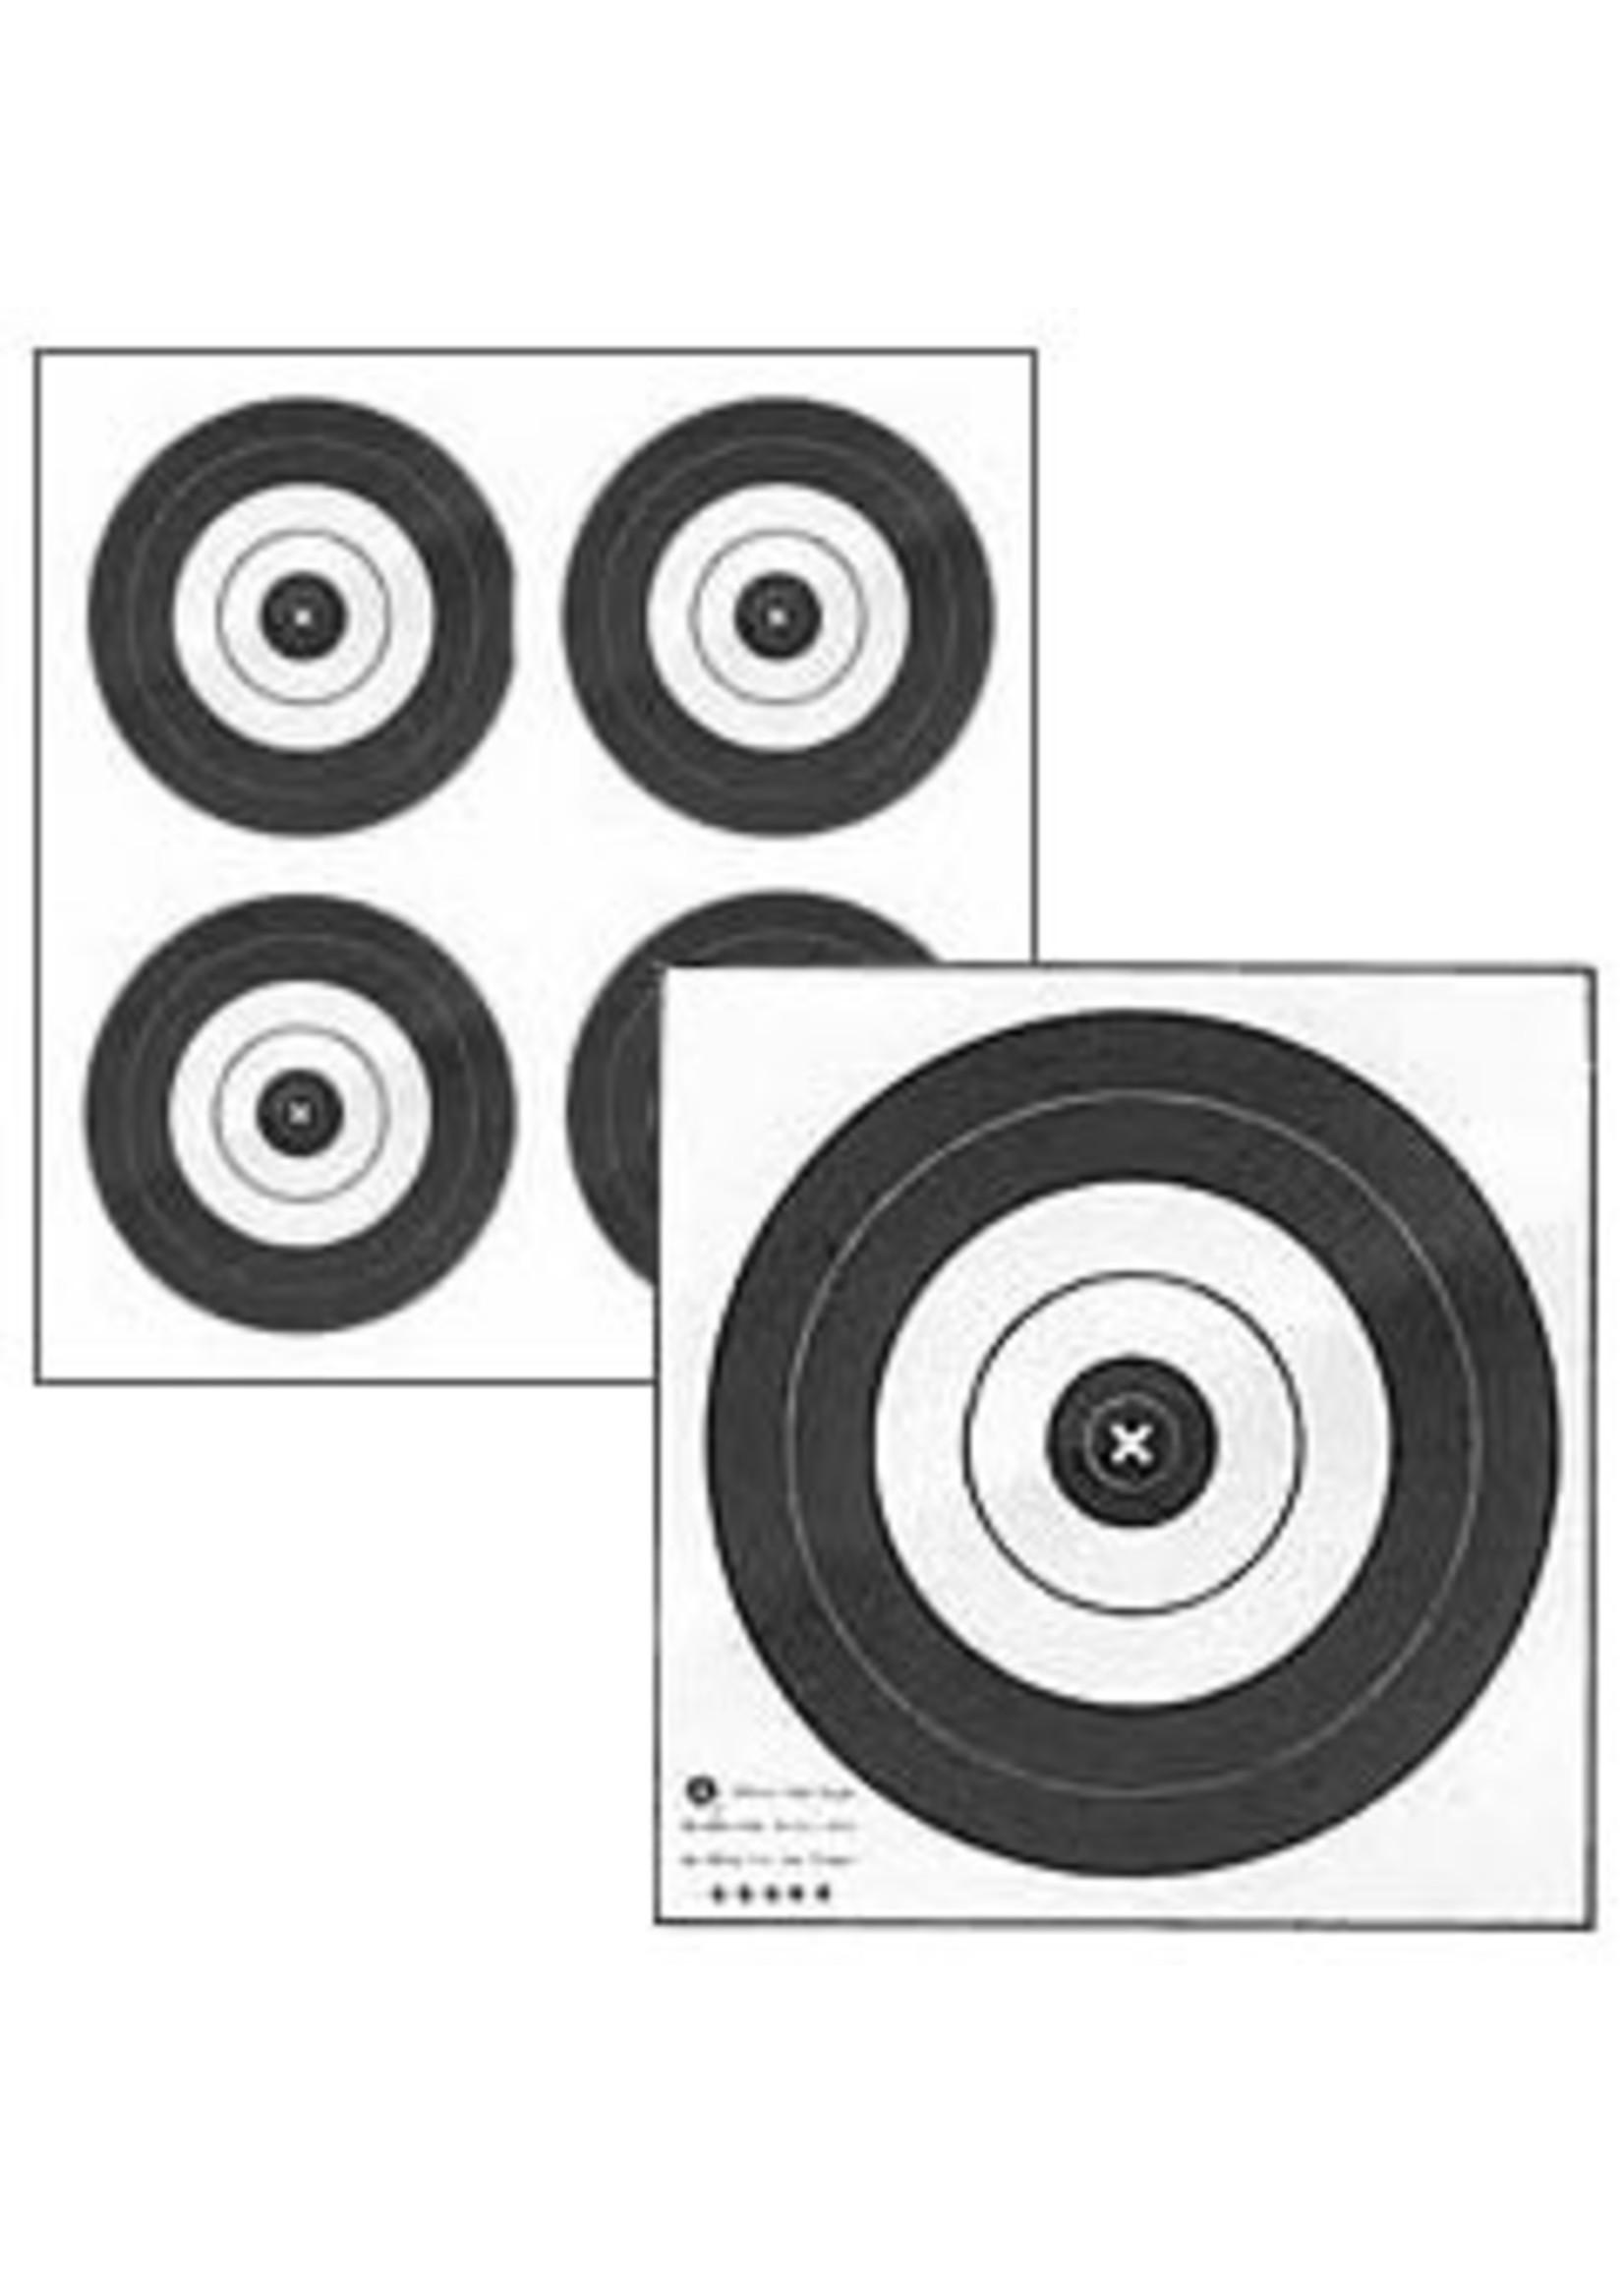 Maple Leaf NFAA Field Set 14 targets